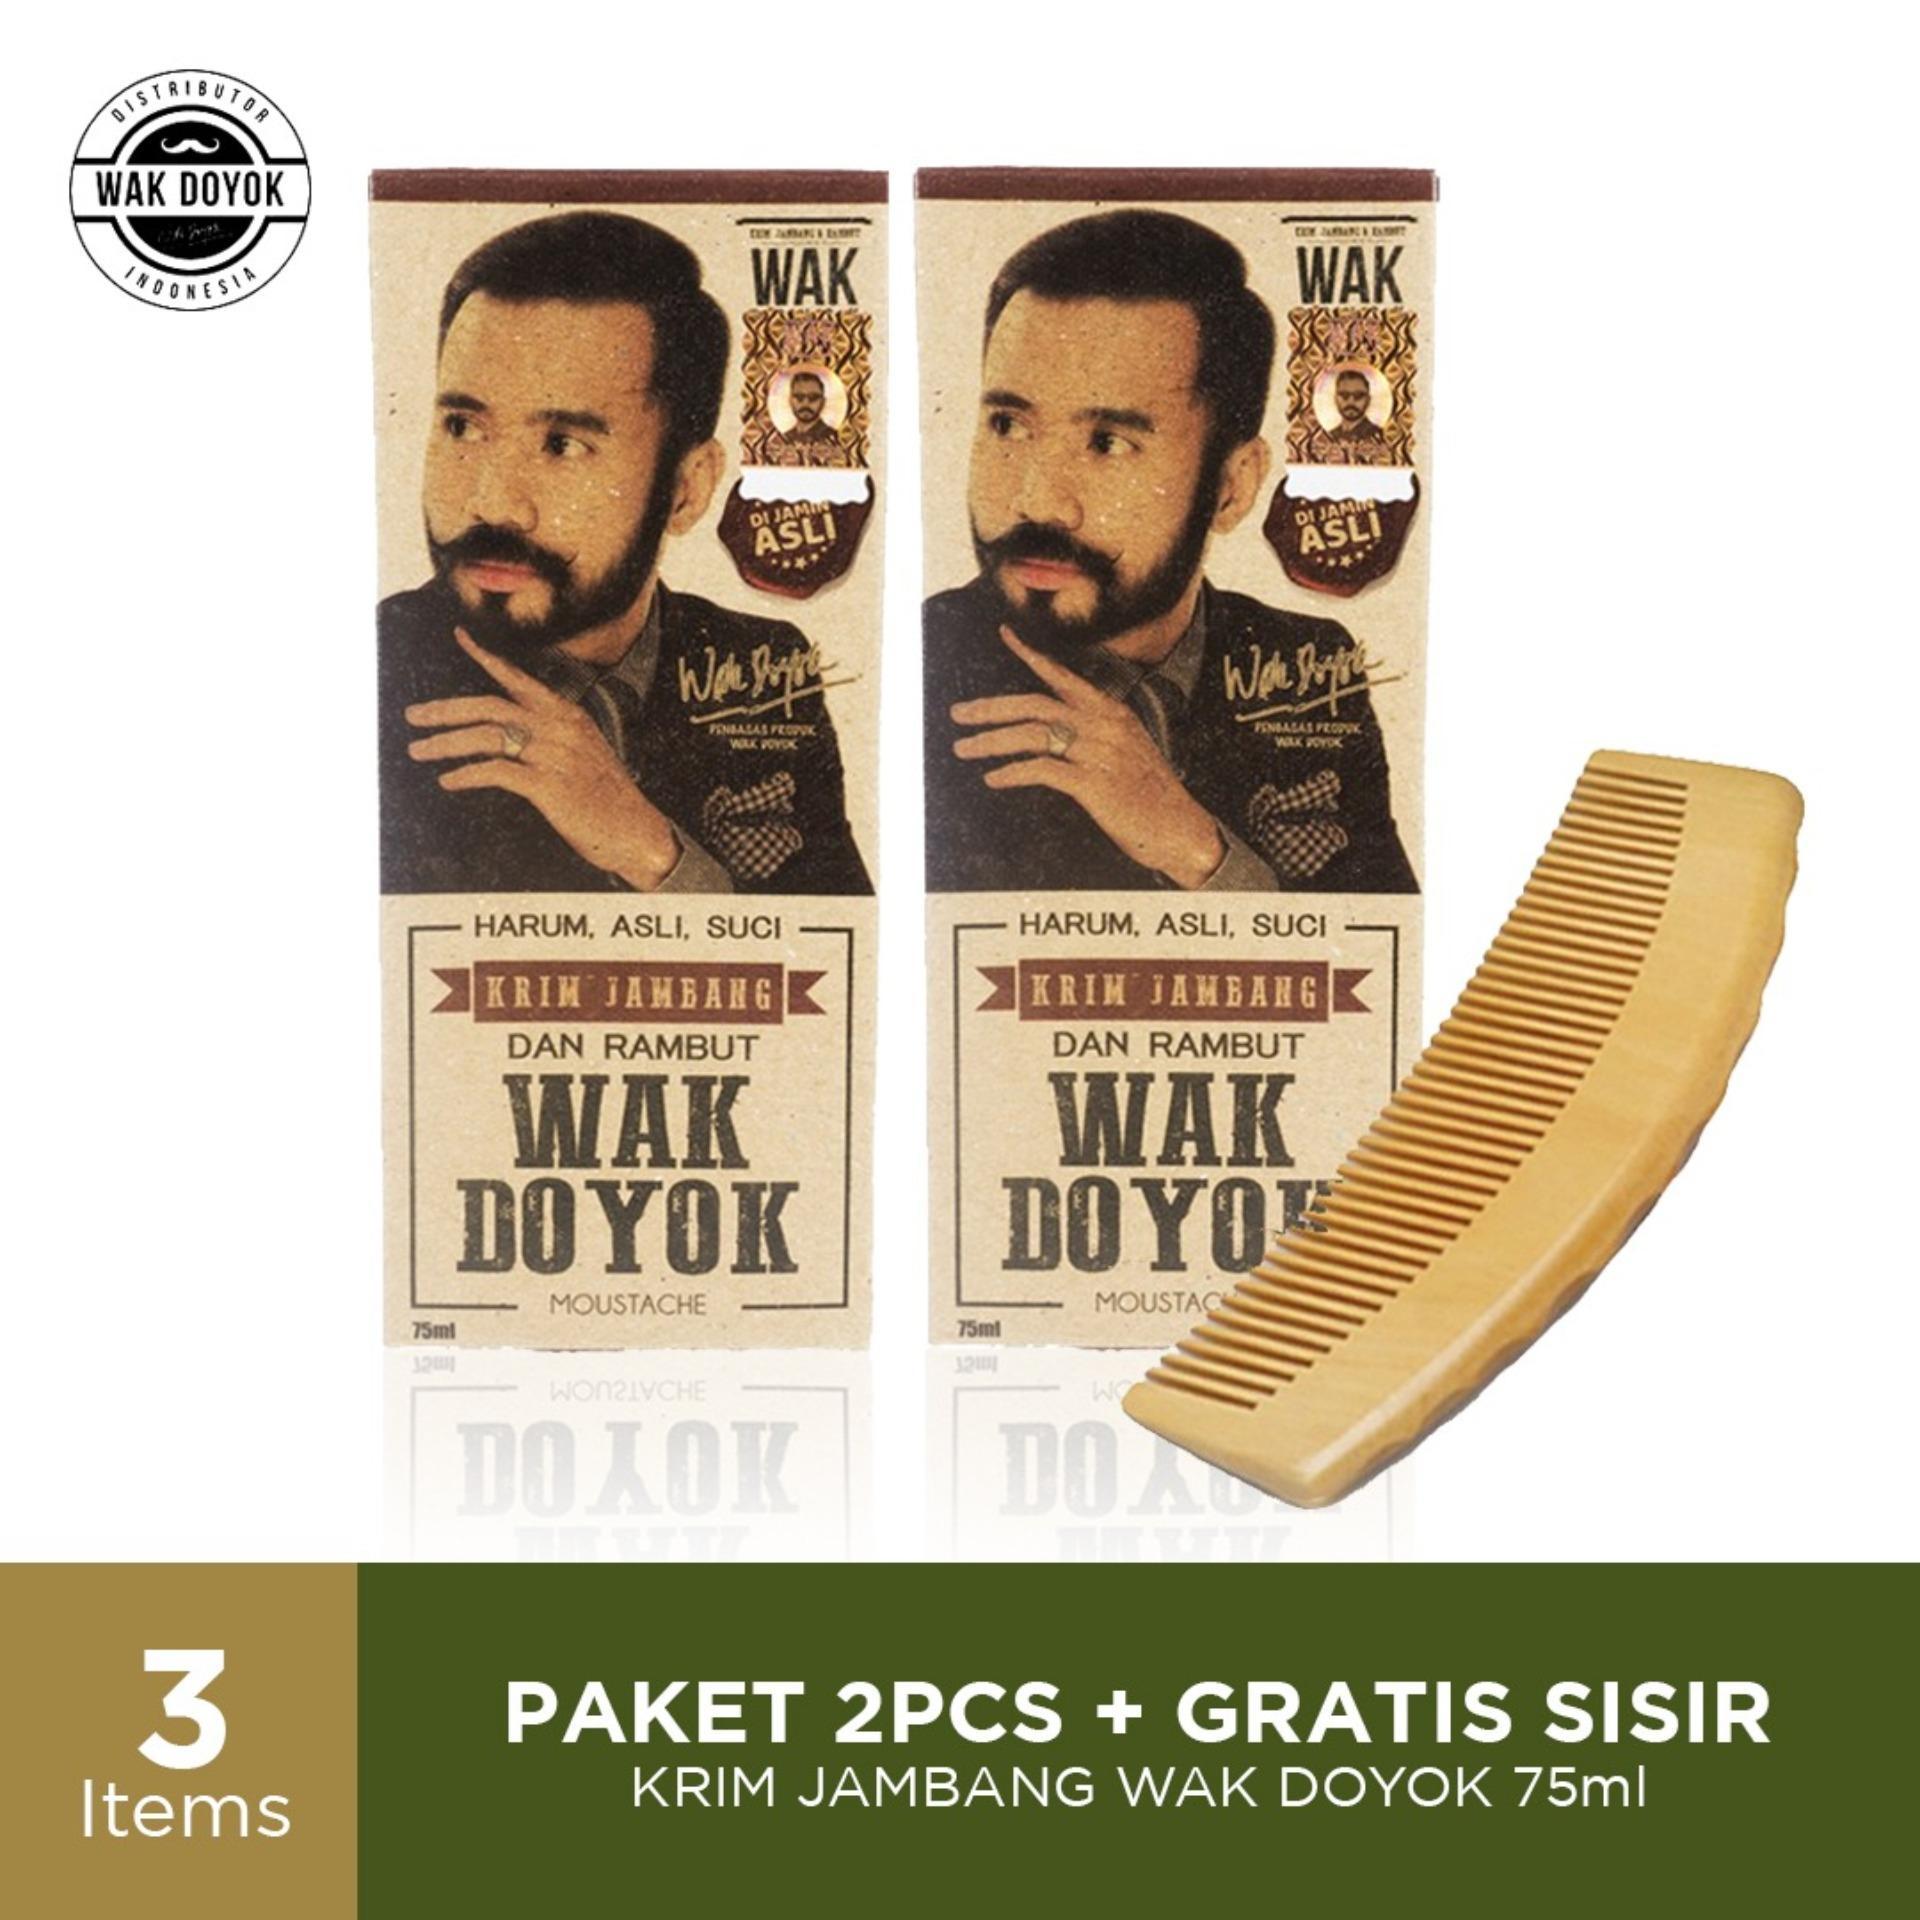 Promo 2pcs Wak Doyok Cream 75ml (besar) Original Free Sisir - Wakdoyok Krim Penumbuh Jambang, Rambut Dan Alis By Wak Doyok Indonesia